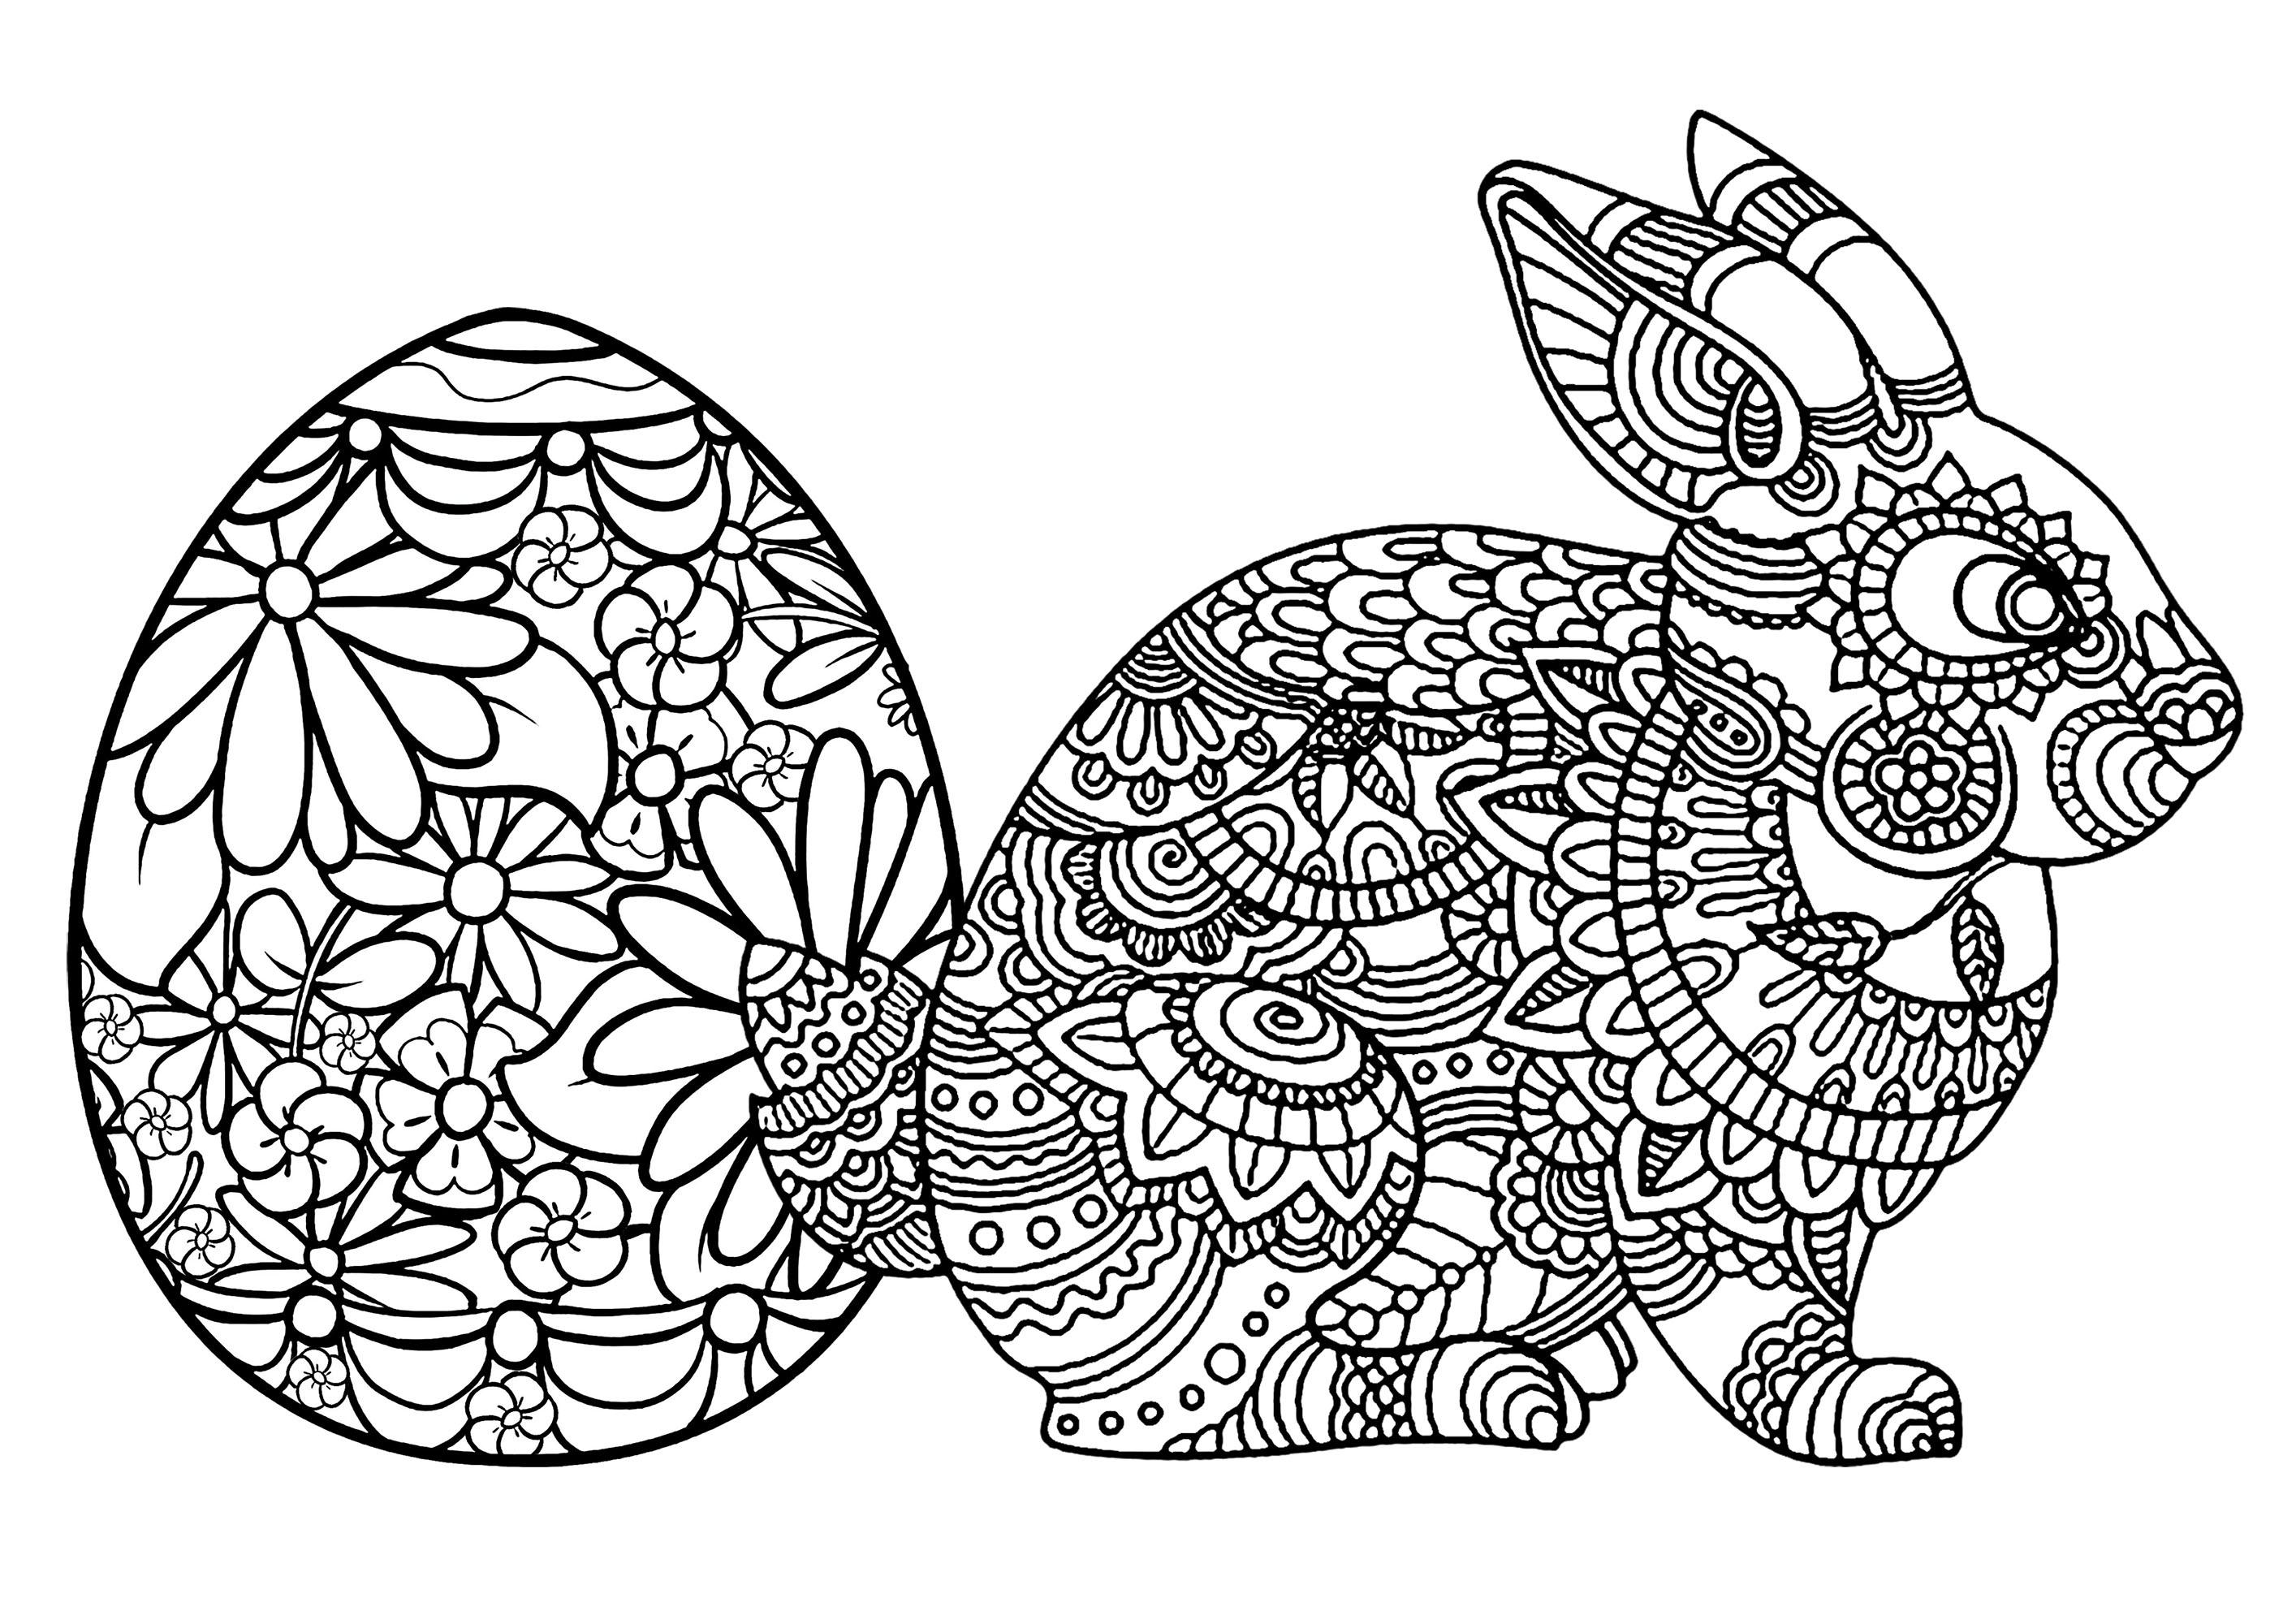 Oeuf Et Lapin De Paques - Pâques - Coloriages Difficiles à Oeufs De Paques Coloriage A Imprimer